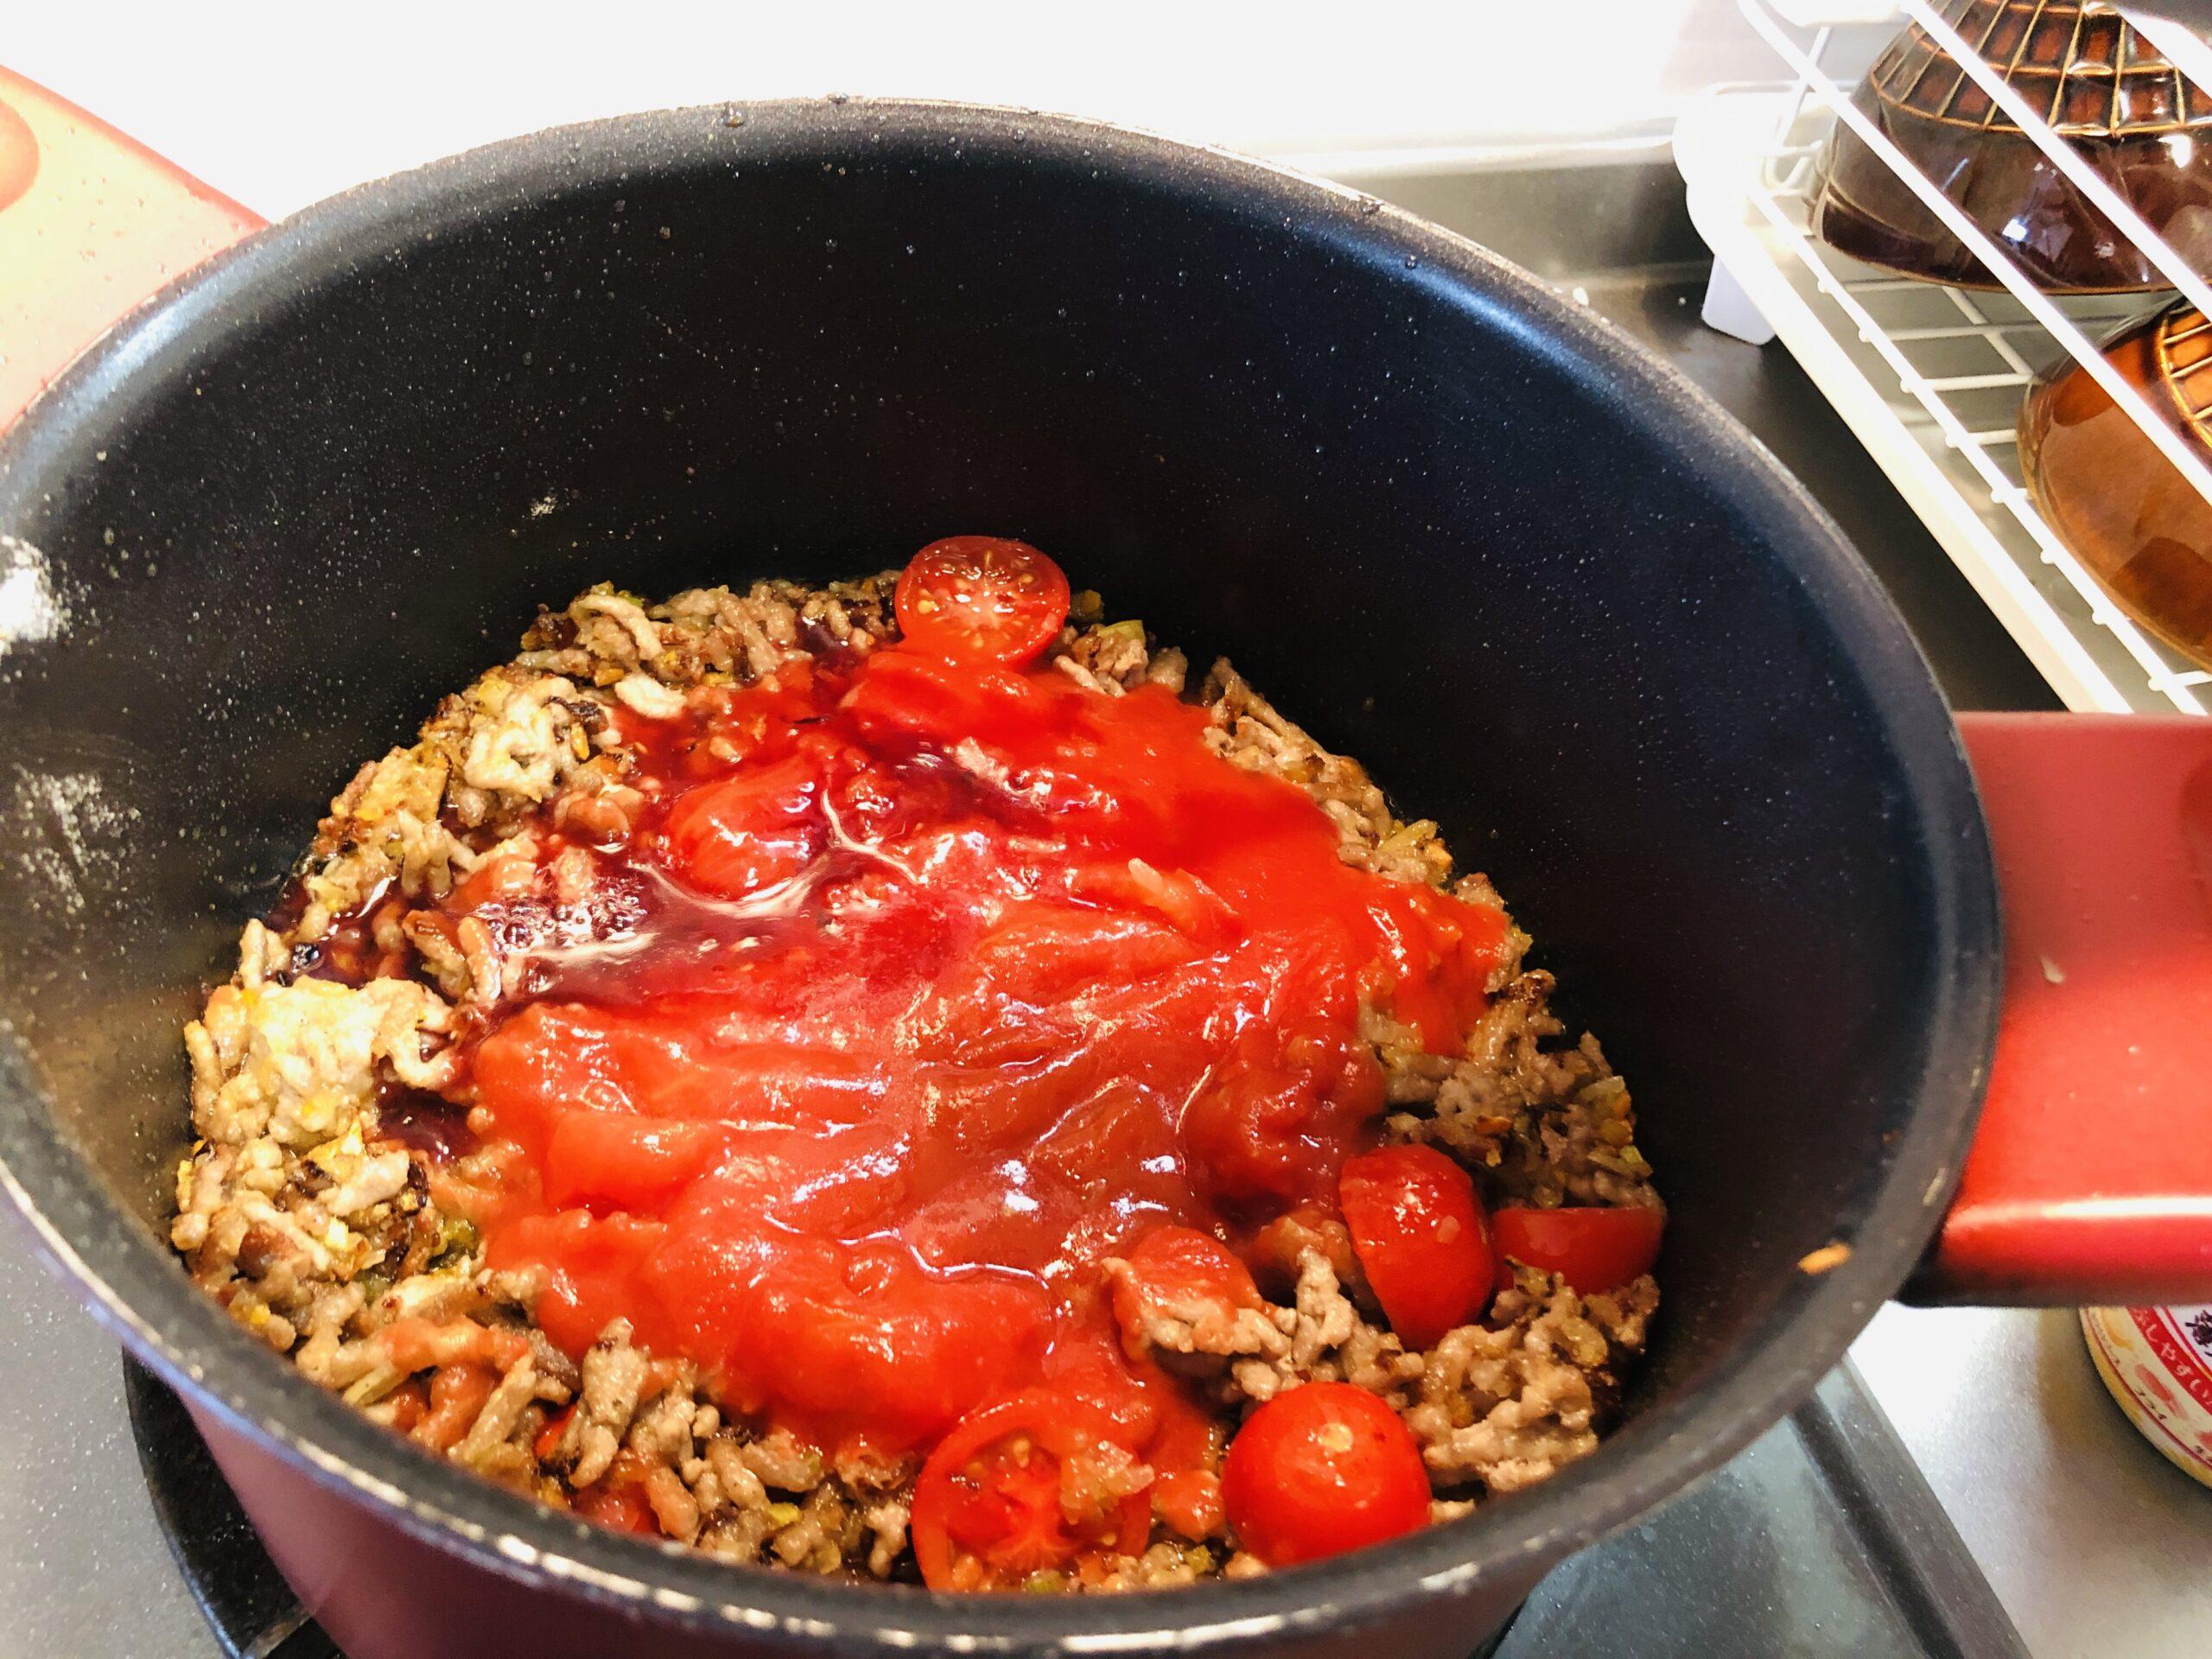 ホールトマトを加えた状態の画像です